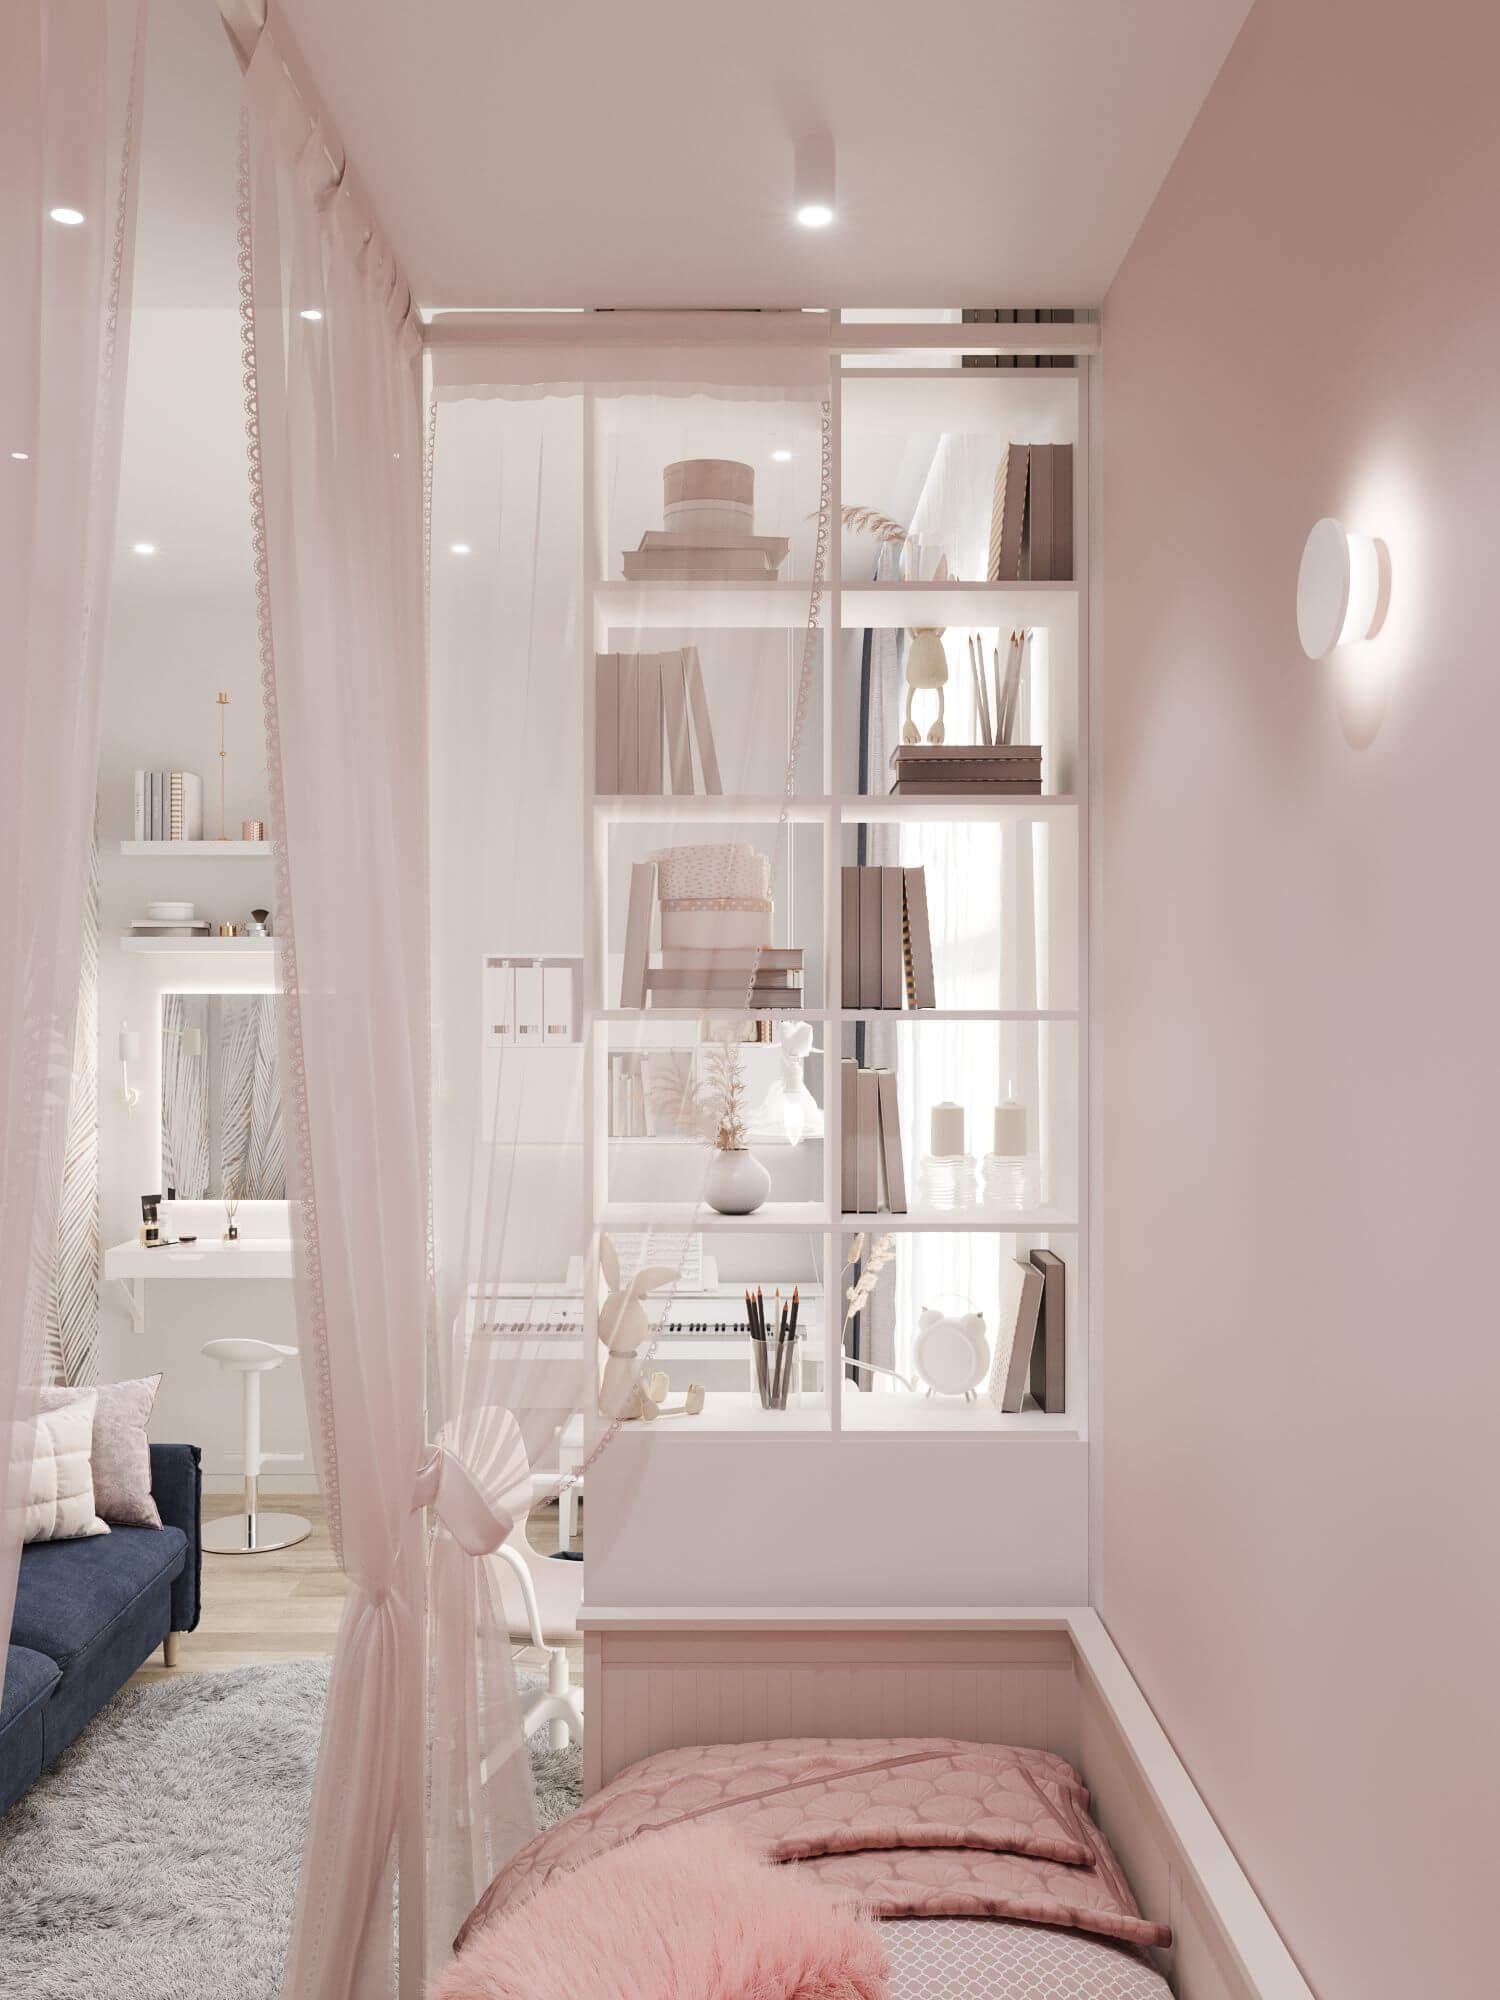 Дизайн детской комнаты.Зона отдыха. Вид 1.